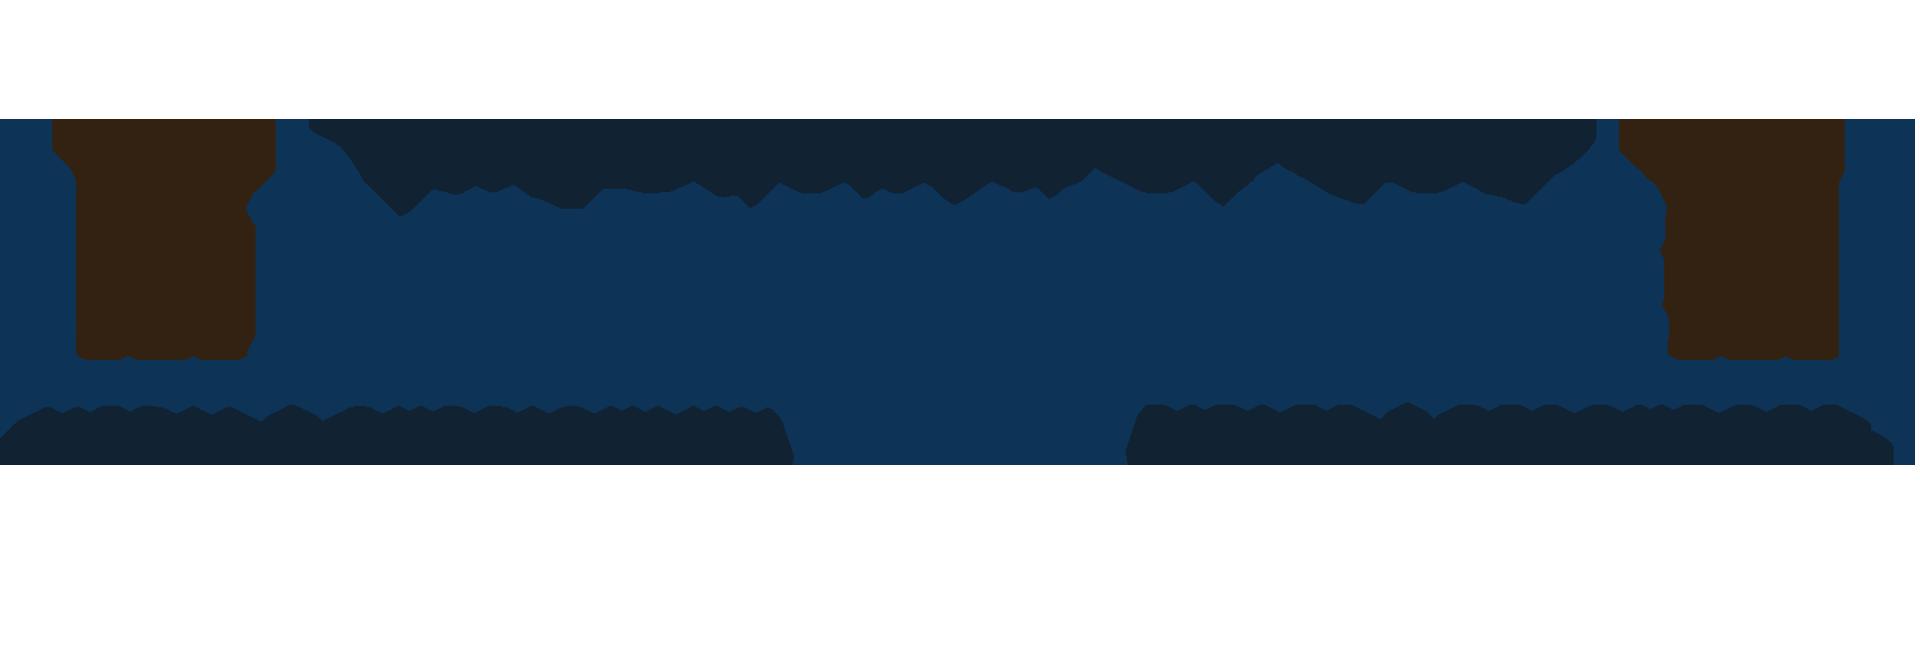 The Church of God